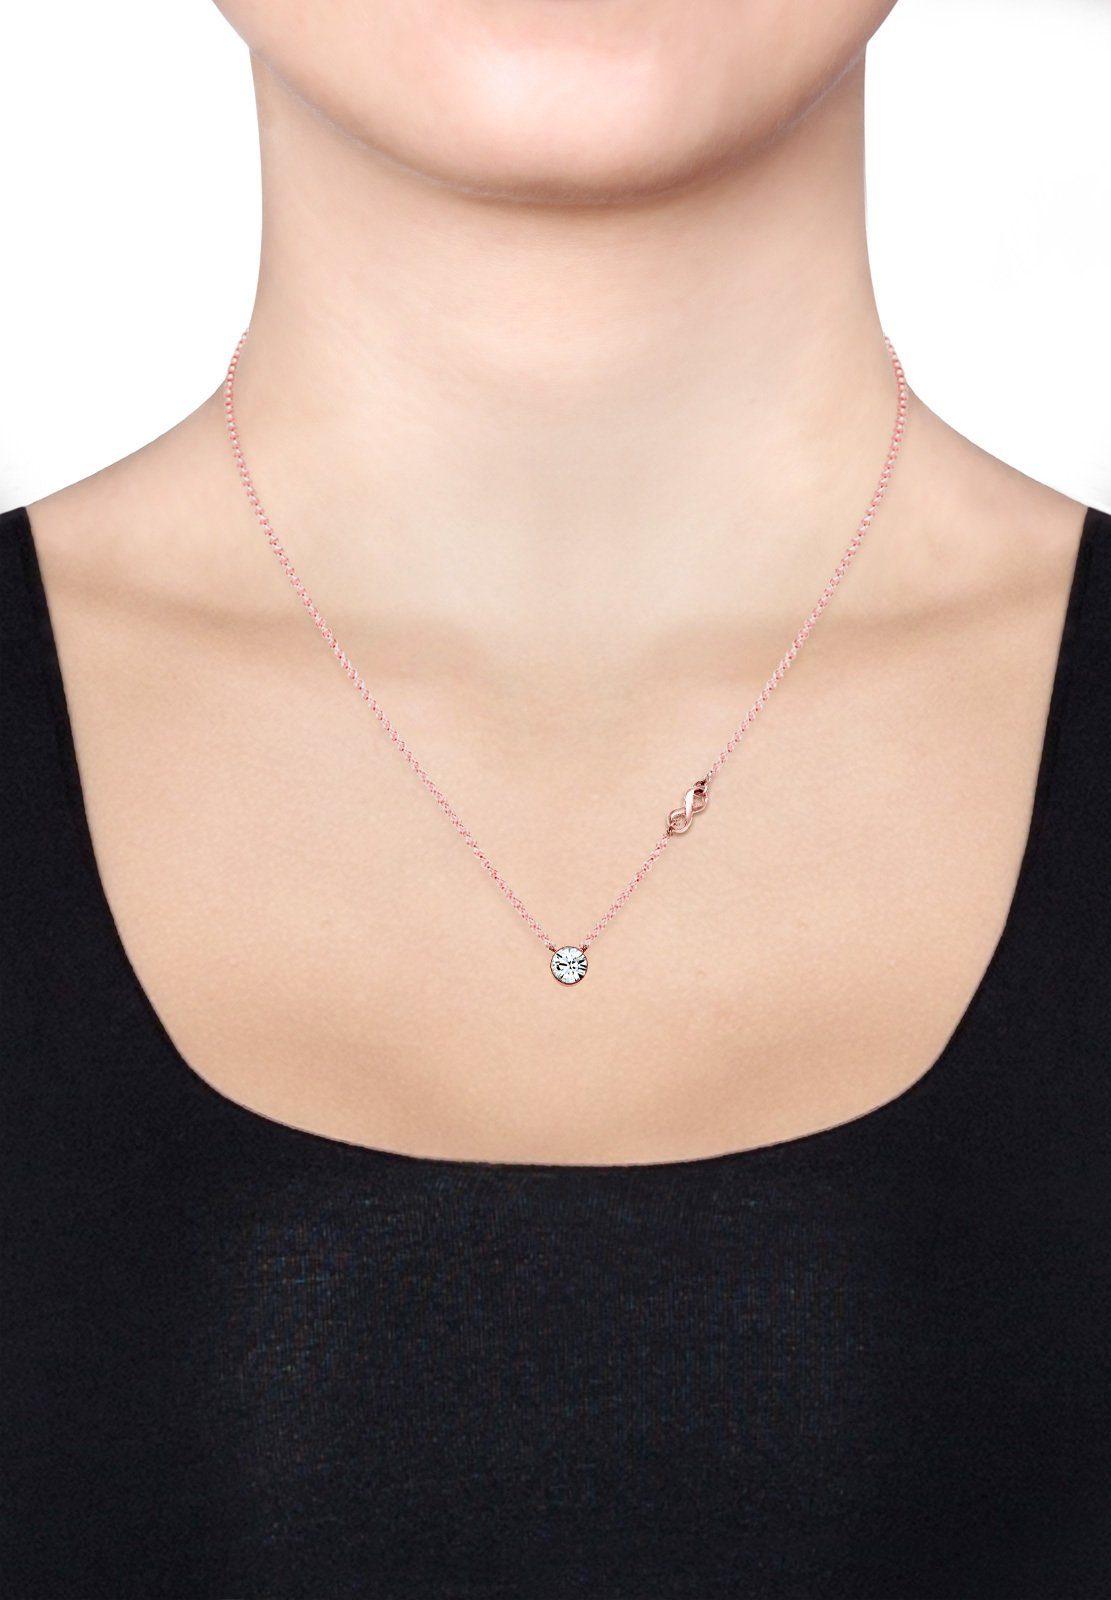 Silber« Online Collierkettchen Solitär Elli Kristalle Kaufen Swarovski® »infinity tQhCsrd